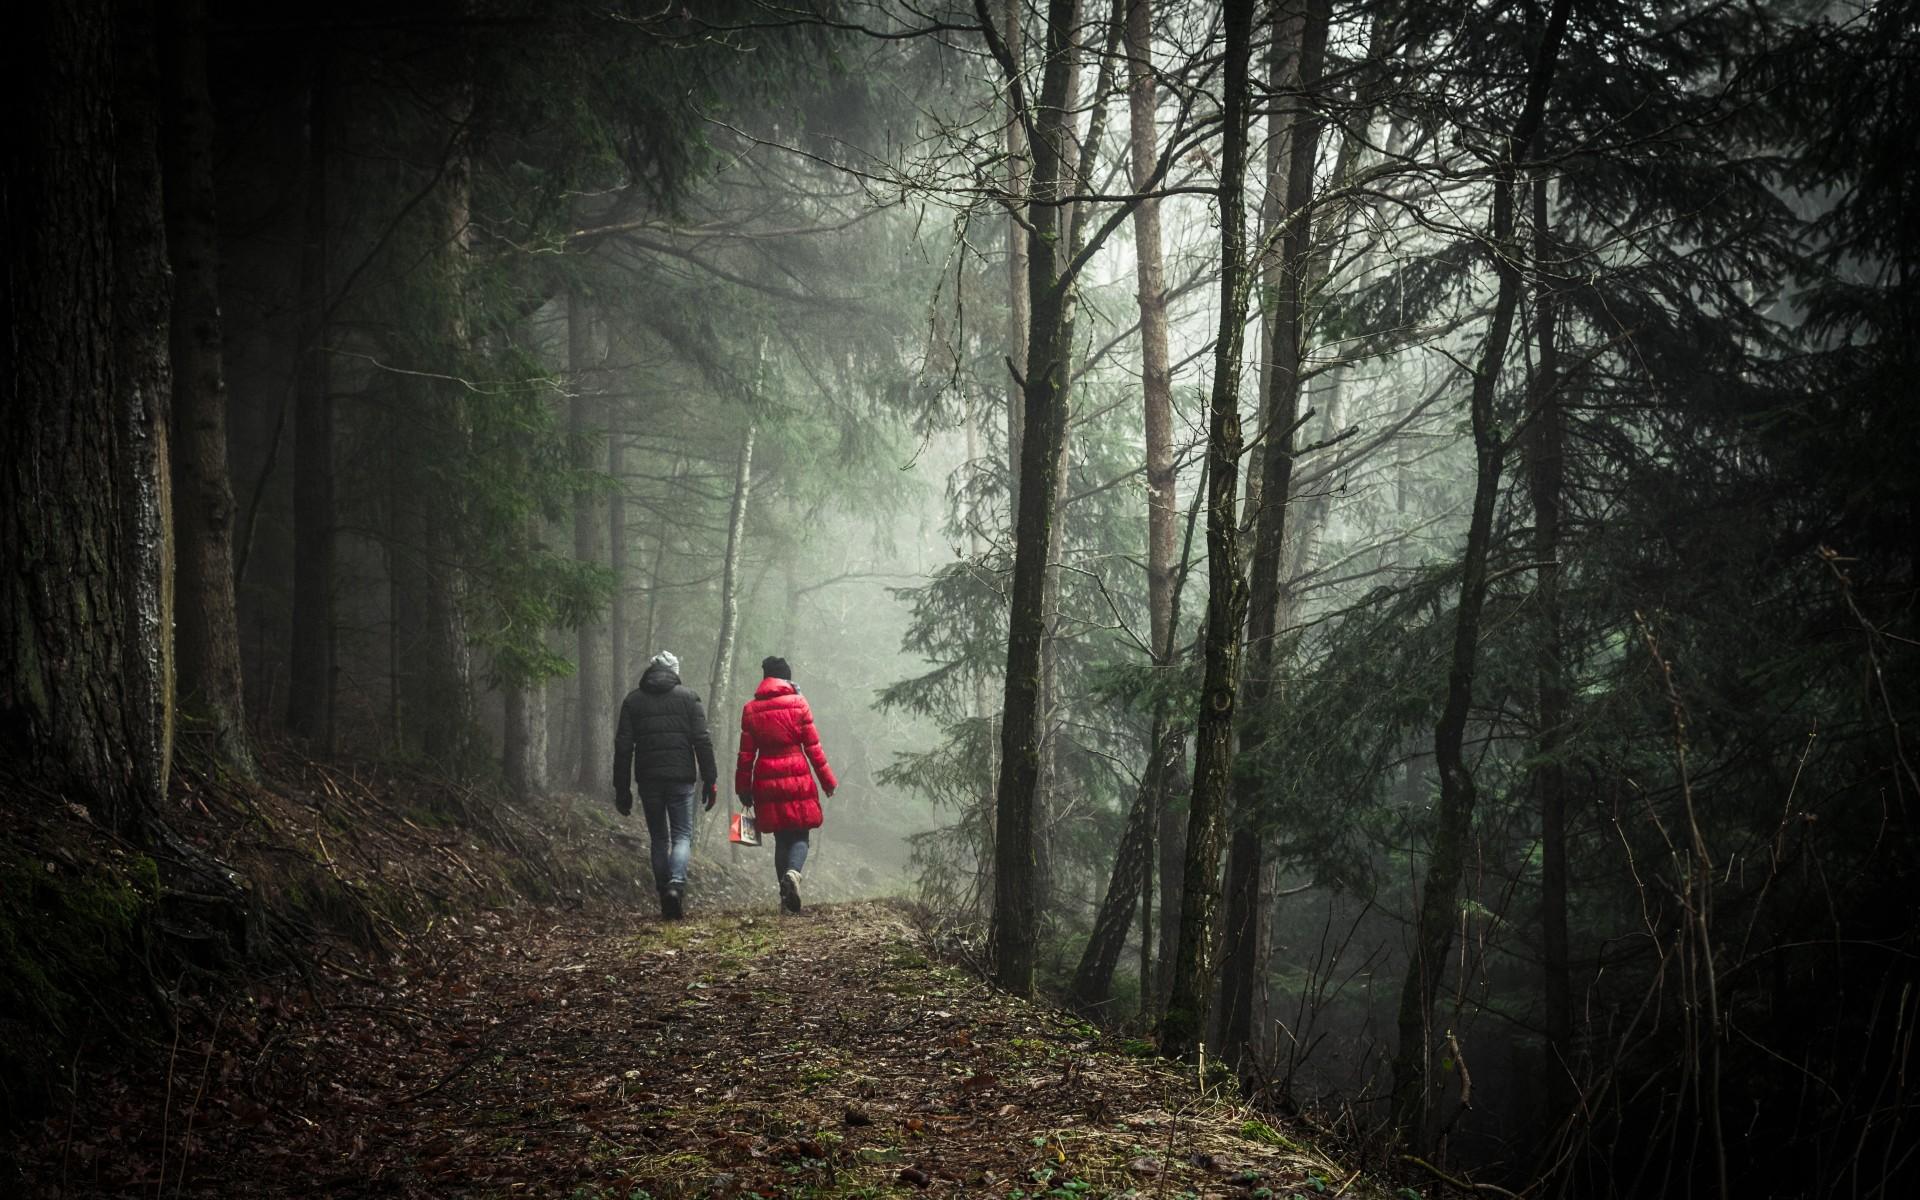 Haalbaarheidsonderzoek wandelorganisatie